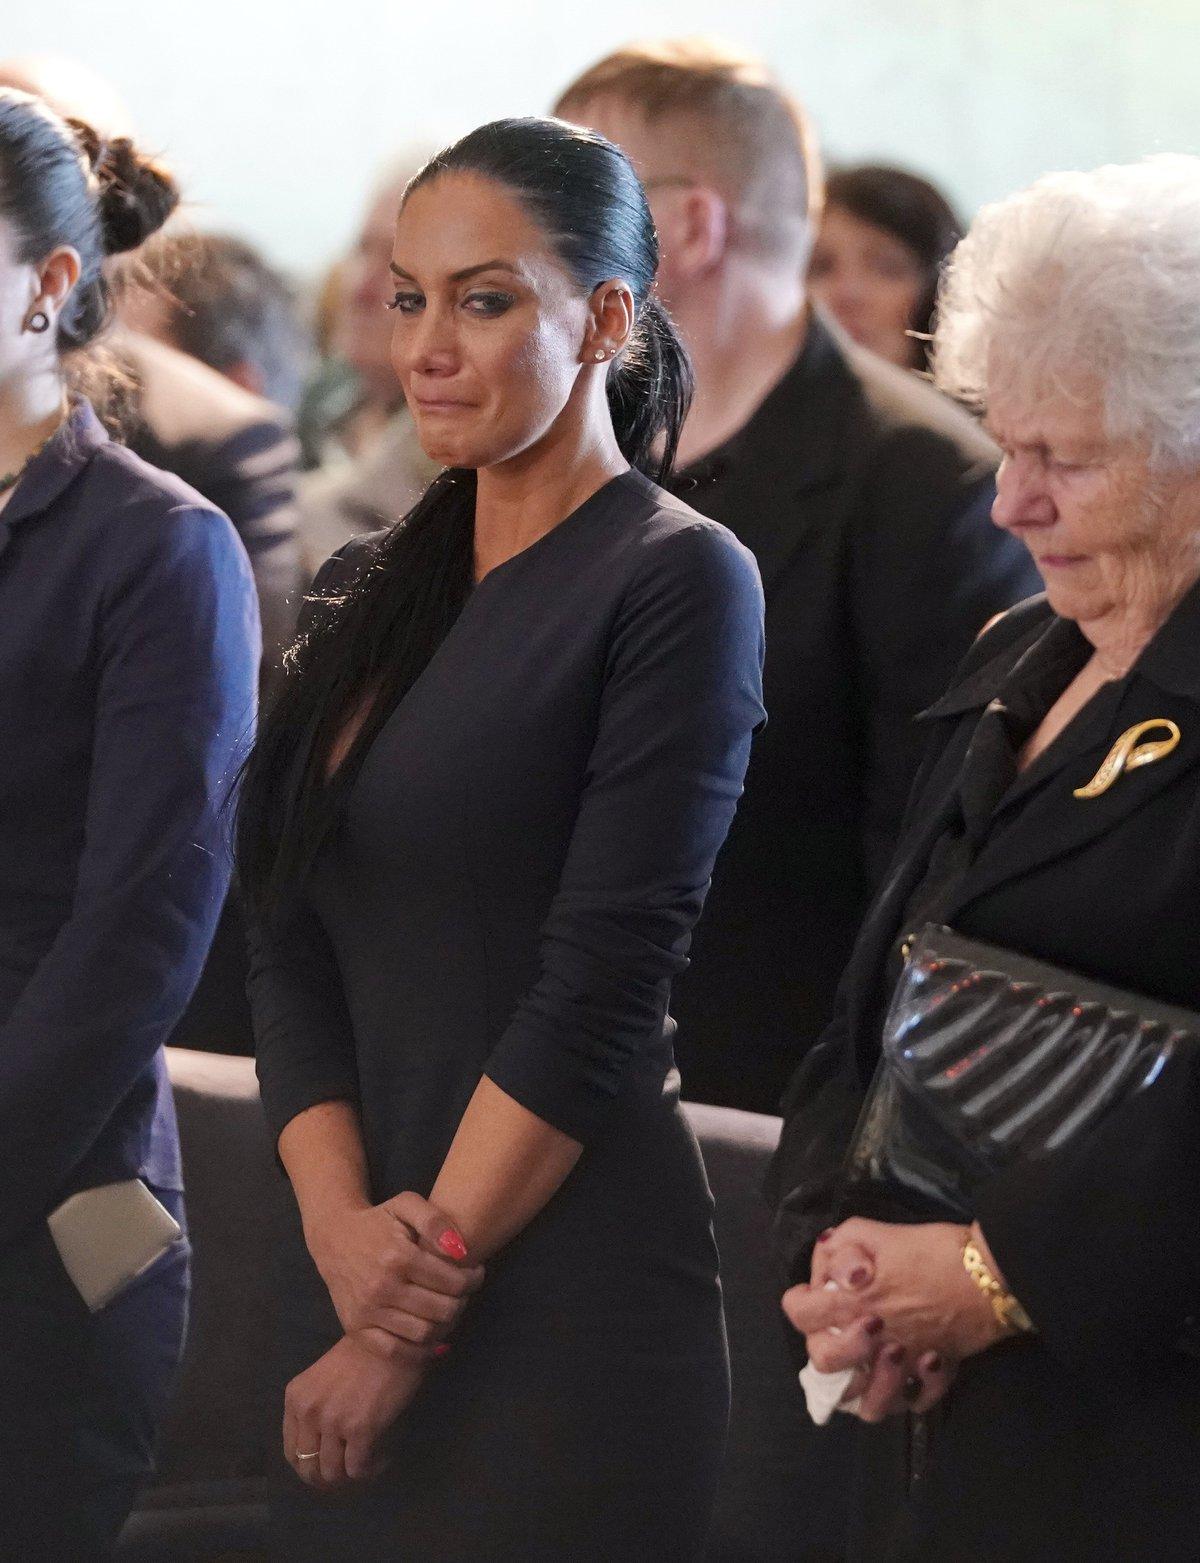 Pohřeb Jiřího Pomeje: Smutná vdova Andrea Pomeje s tchyní, maminkou Jiřího